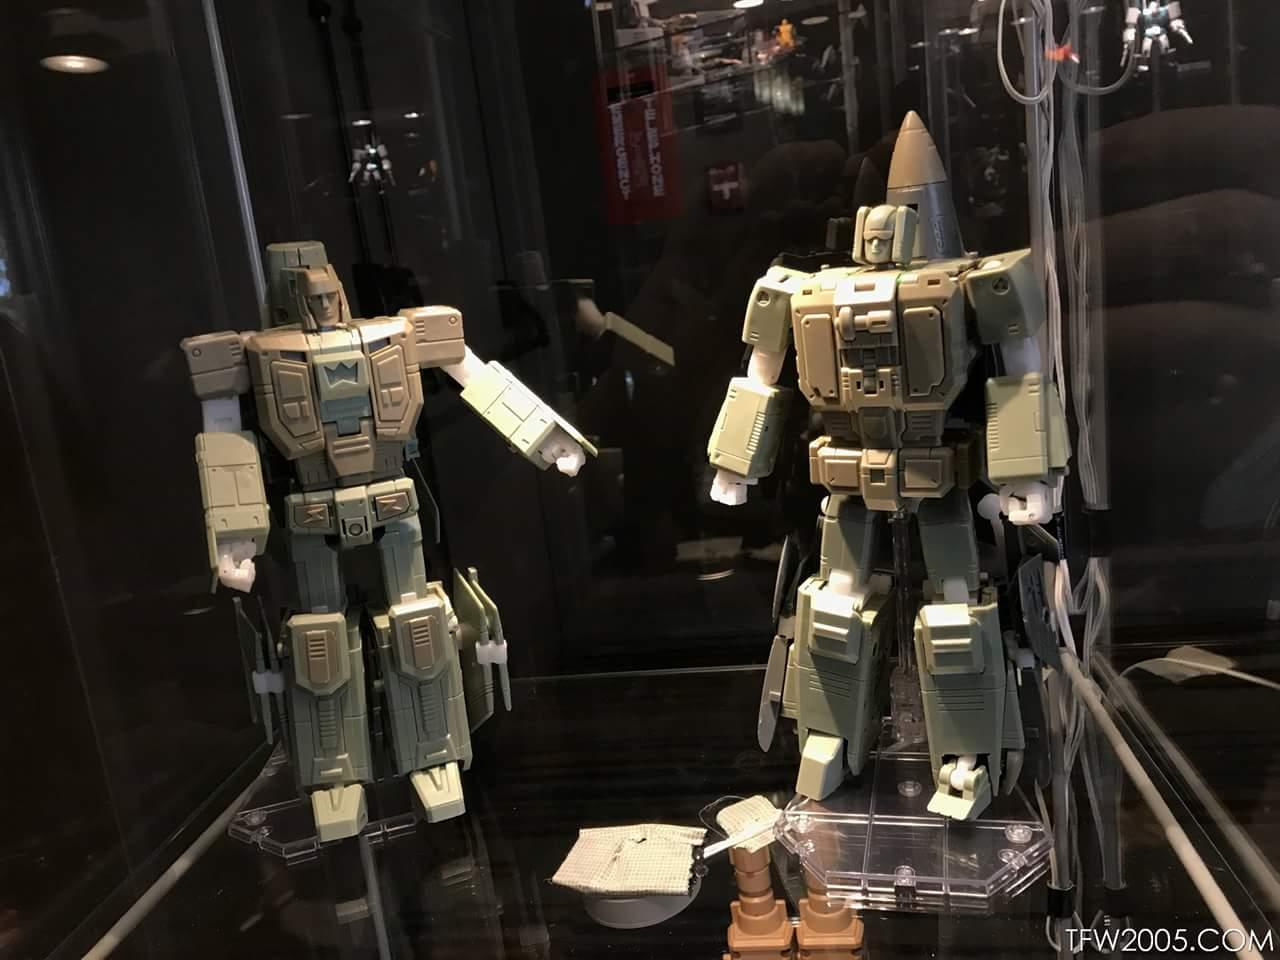 [Zeta Toys] Produit Tiers ― Kronos (ZB-01 à ZB-05) ― ZB-06|ZB-07 Superitron ― aka Superion - Page 2 JaC8m9KI_o